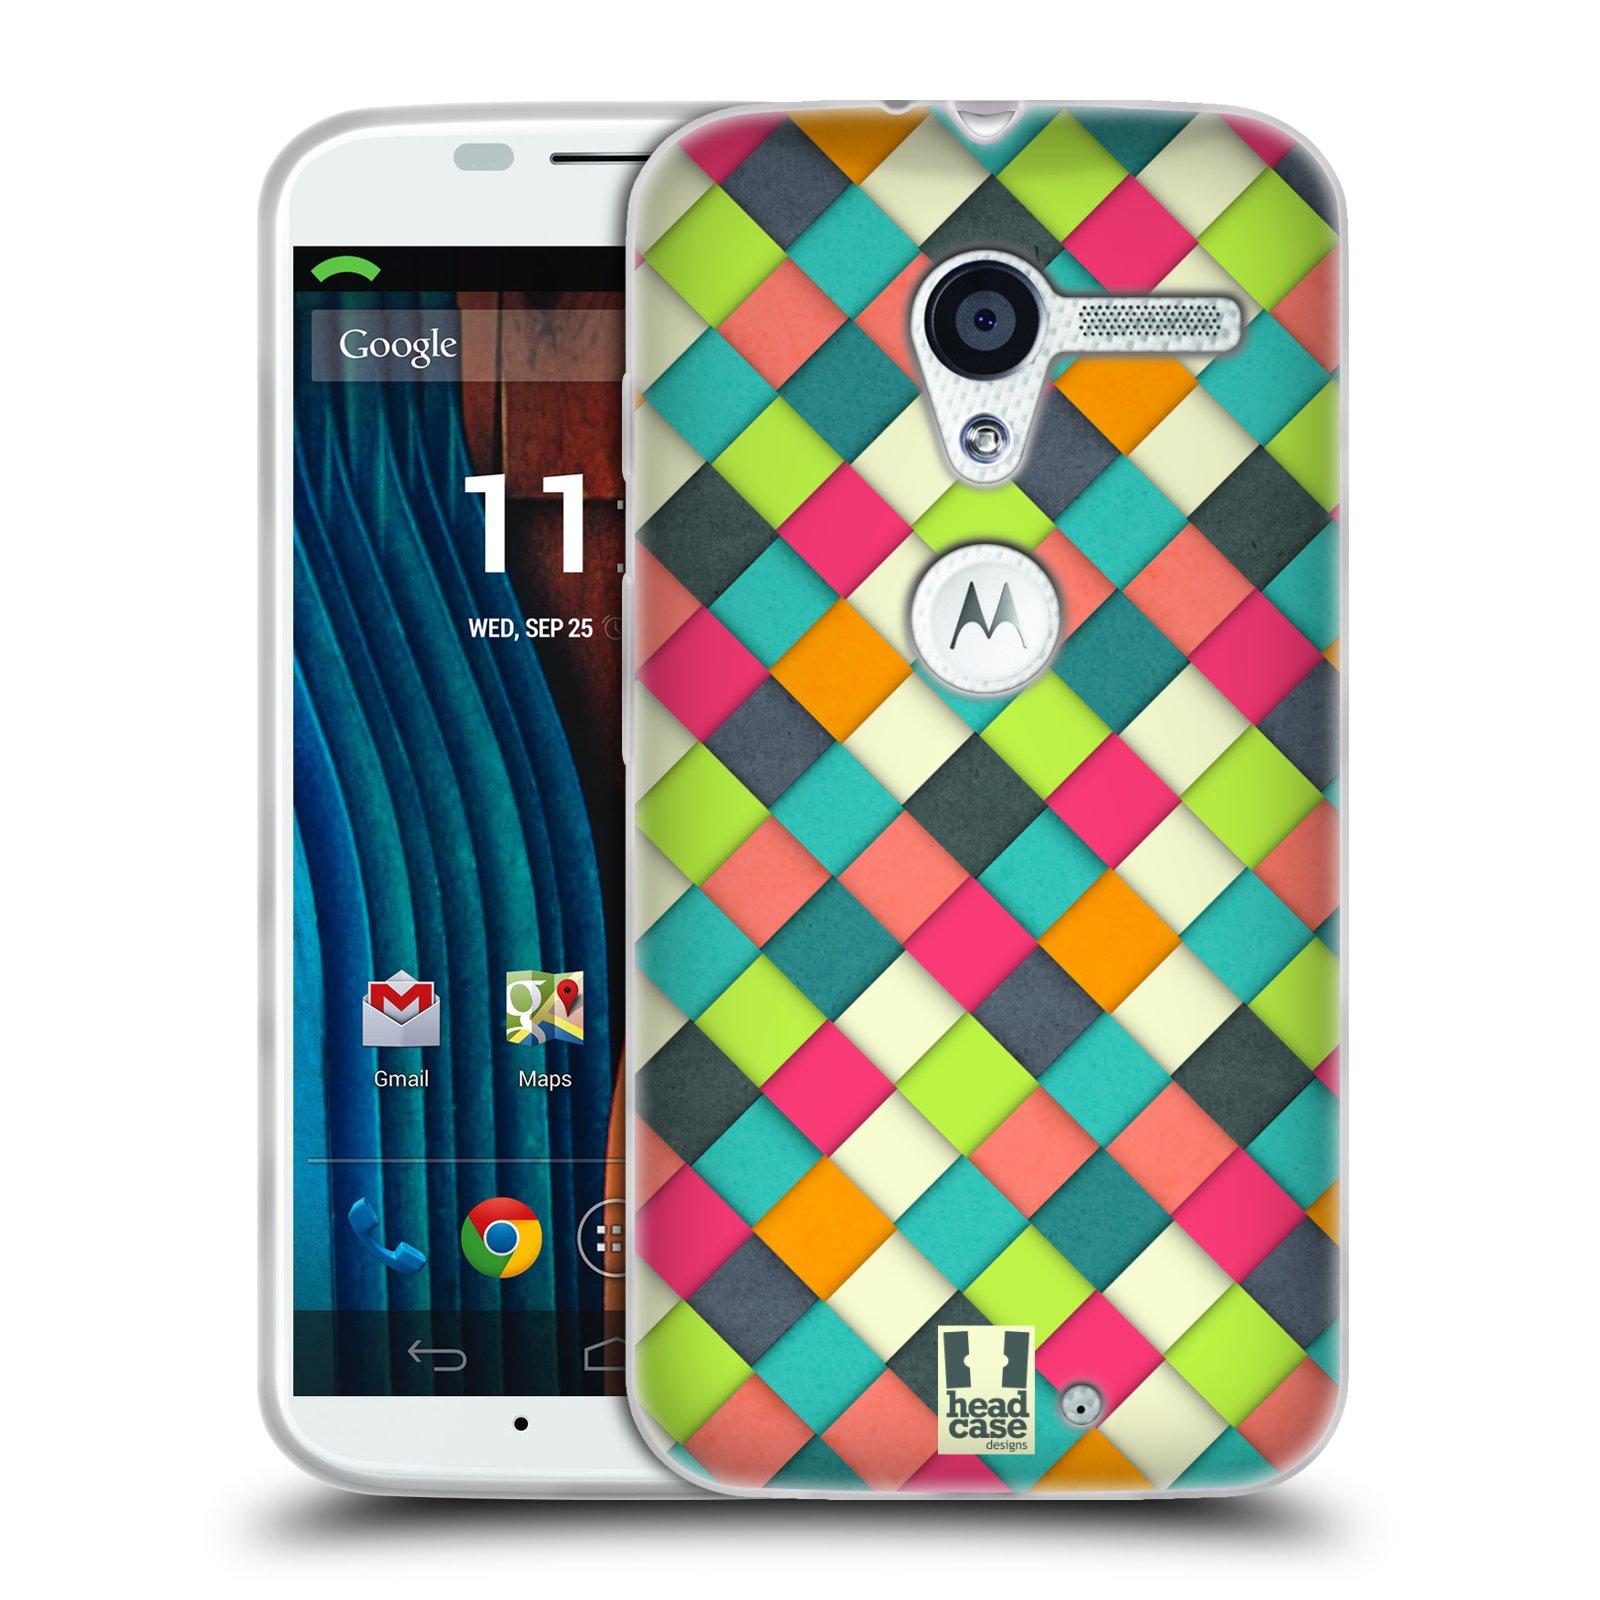 Silikonové pouzdro na mobil Motorola Moto X HEAD CASE WOVEN (Silikonový kryt či obal na mobilní telefon Motorola Moto X)